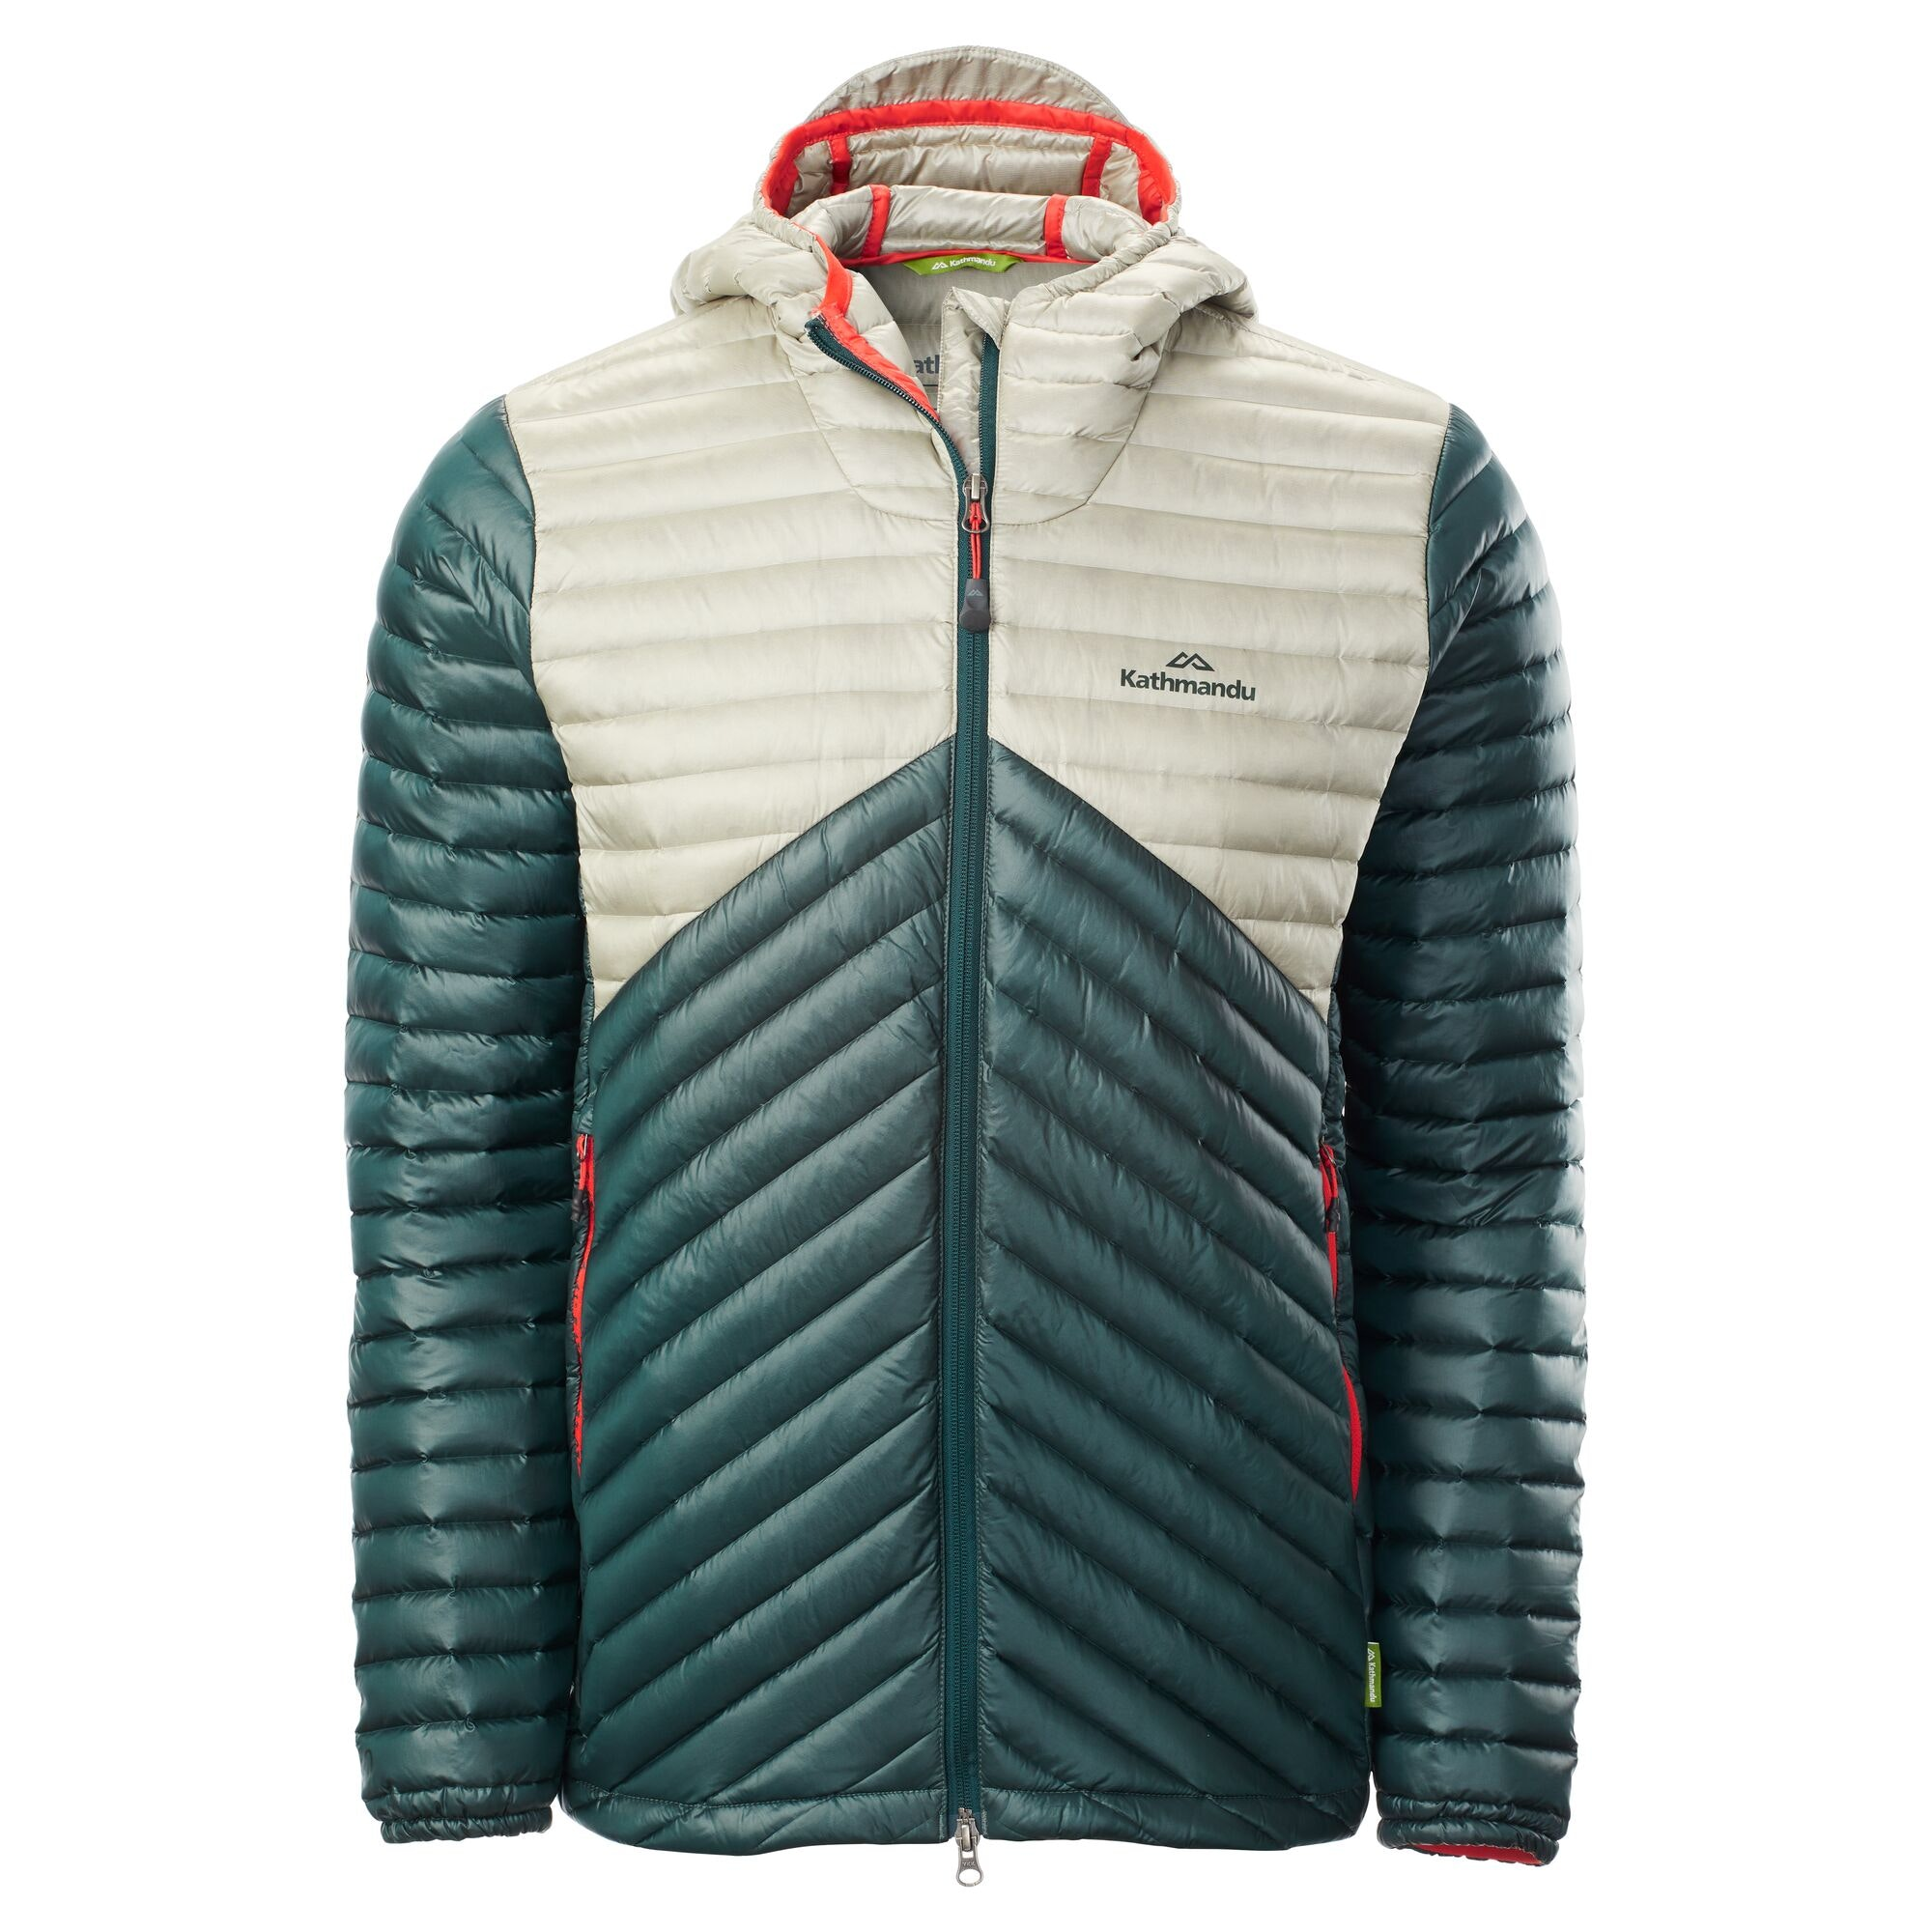 NEW Kathmandu Flinders Men/'s Down Jacket